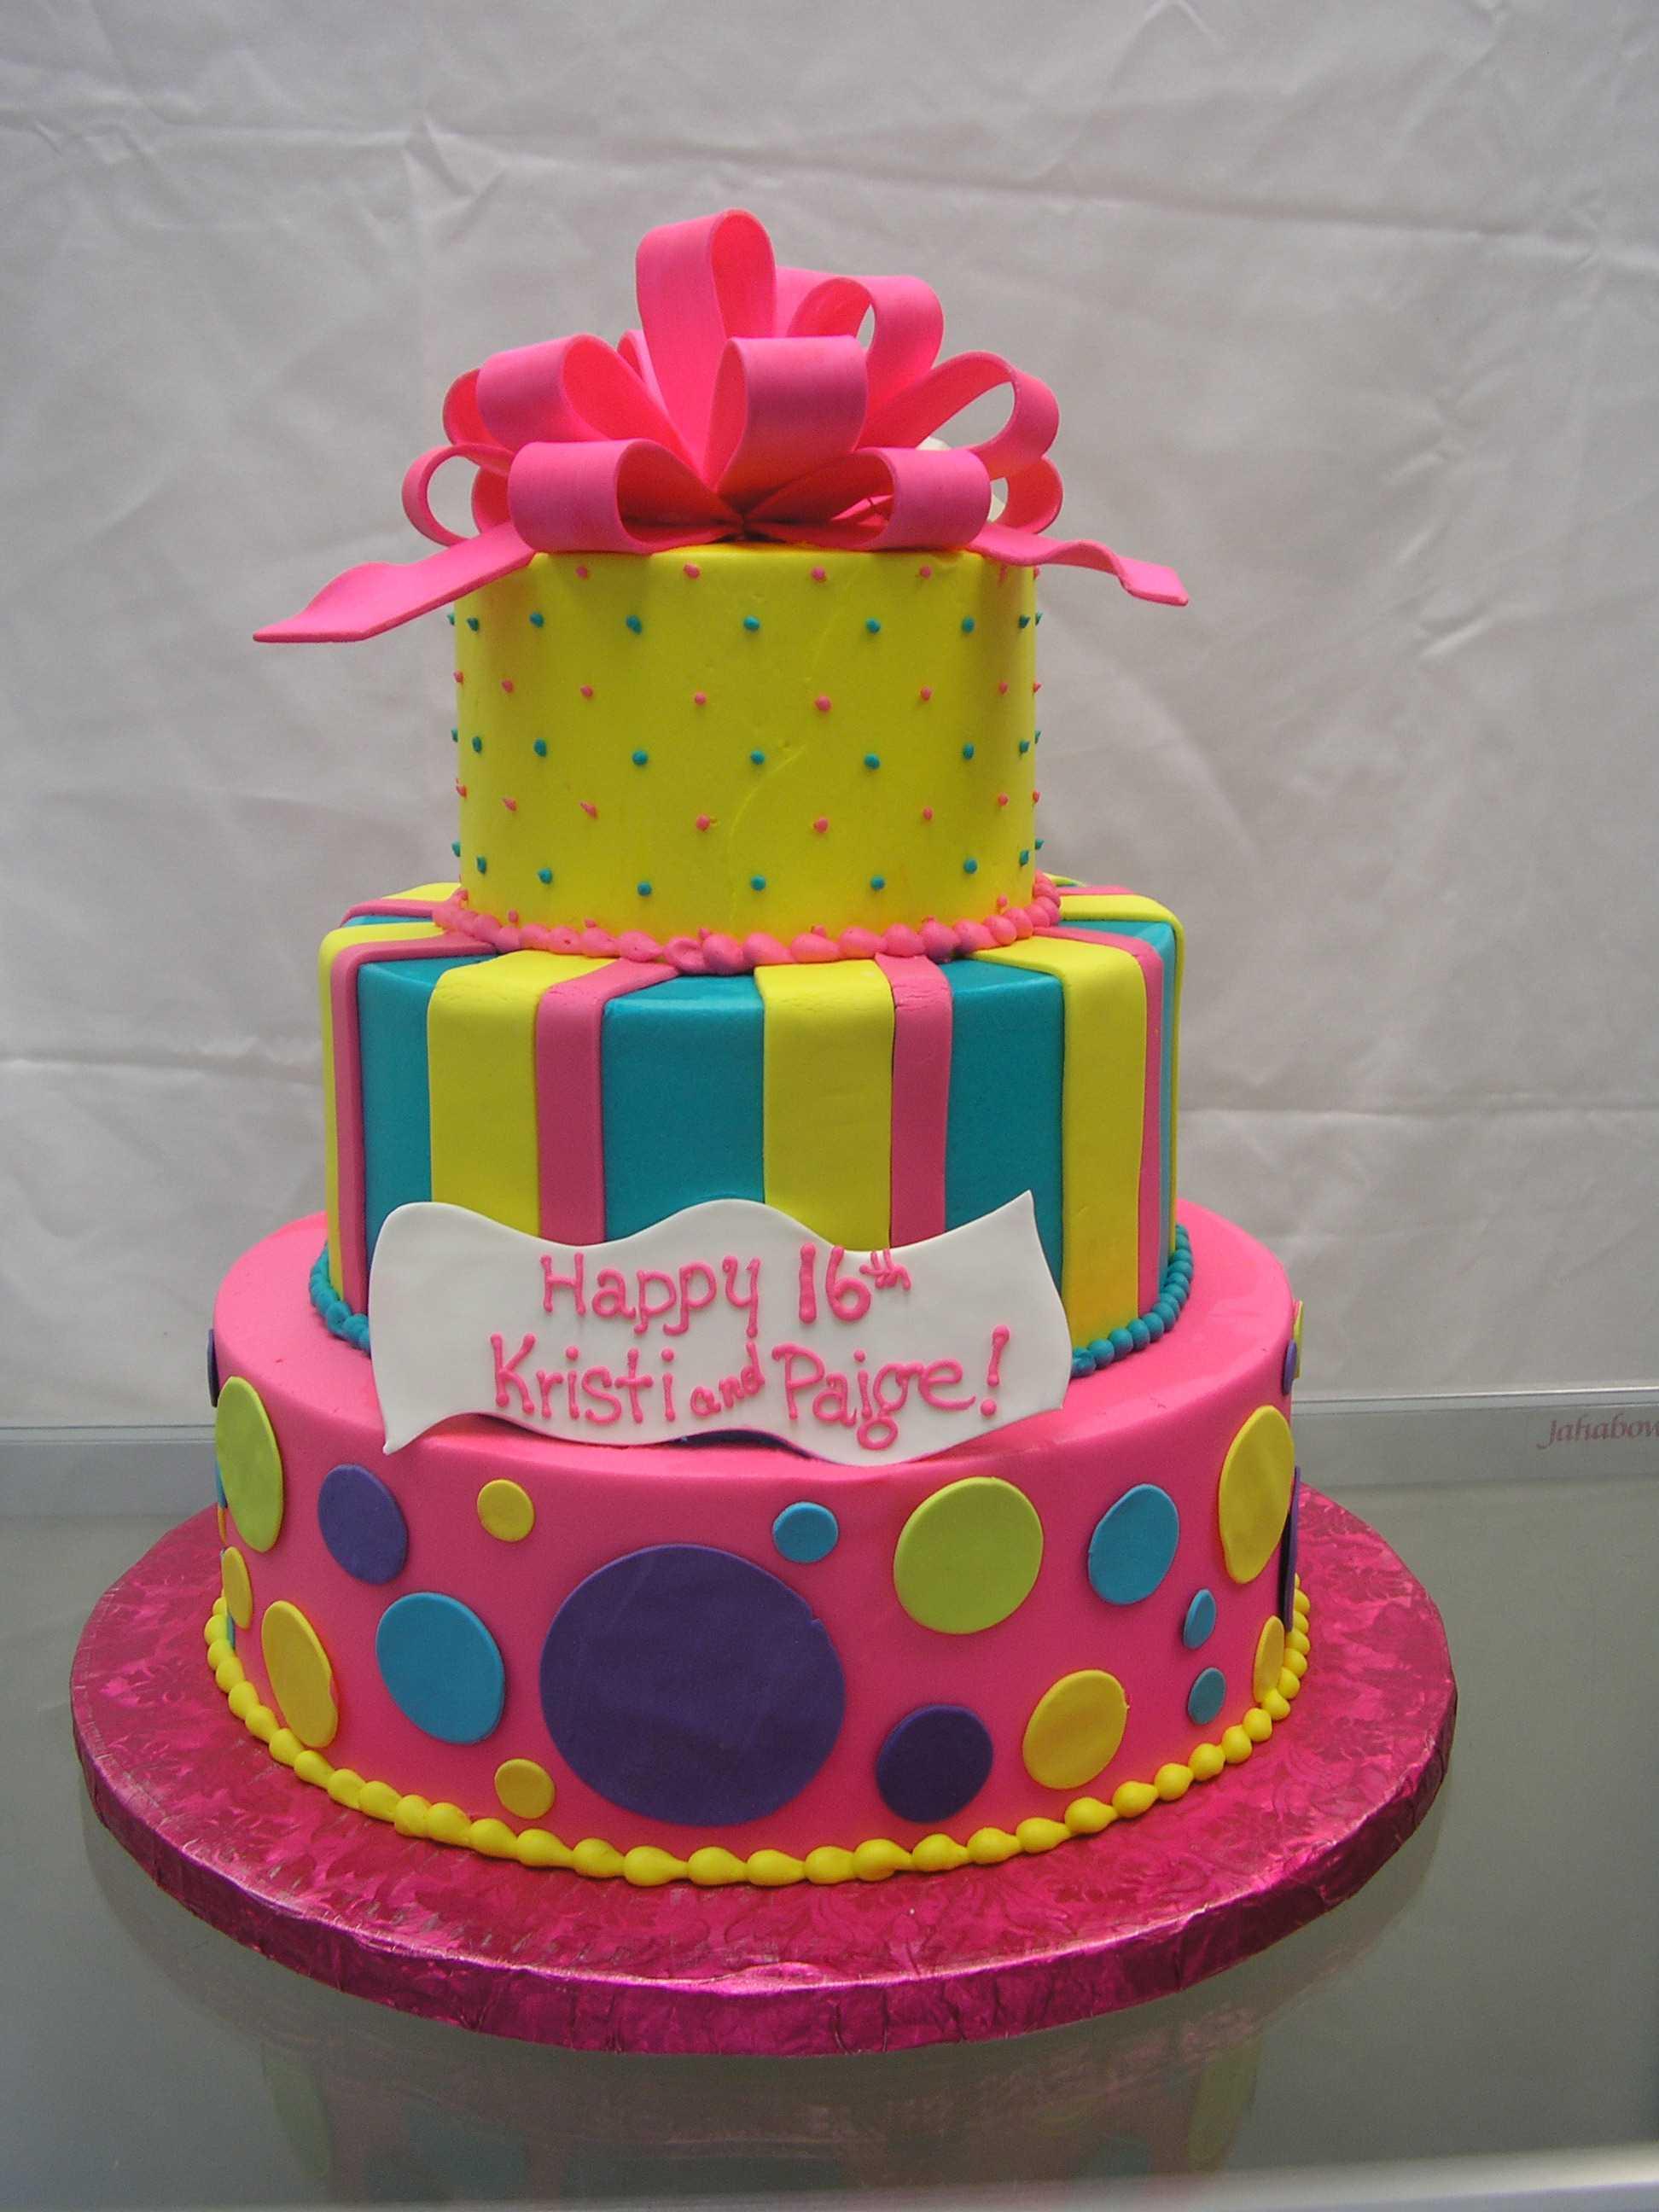 striped cake, polka dot cake, multi tier cake